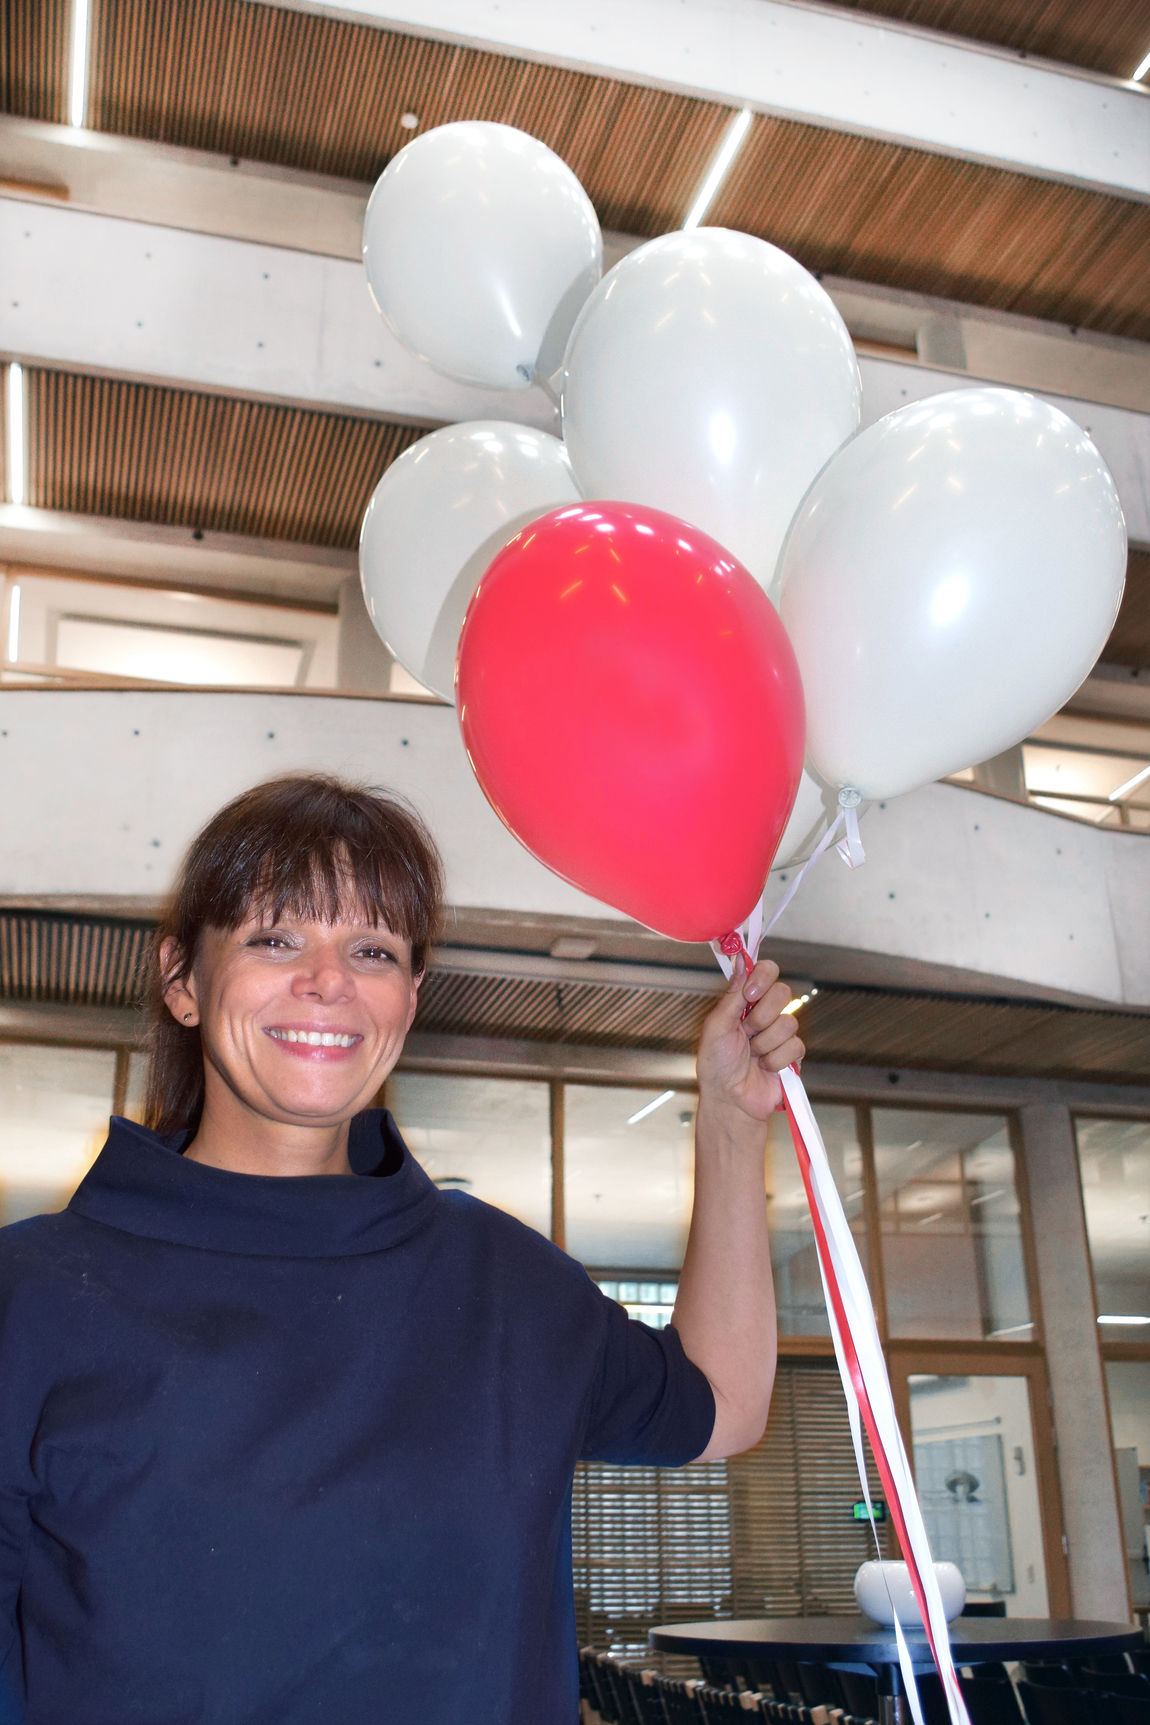 SKILL DEG UT! Forsker og forfatter Katharine Cecilia Williams oppfordrer hørselshemmede til å gjøre seg mer synlig. - Vær en rød ballong, istedet for å være en usynlig hvit ballong, lyder hennes oppfordring.